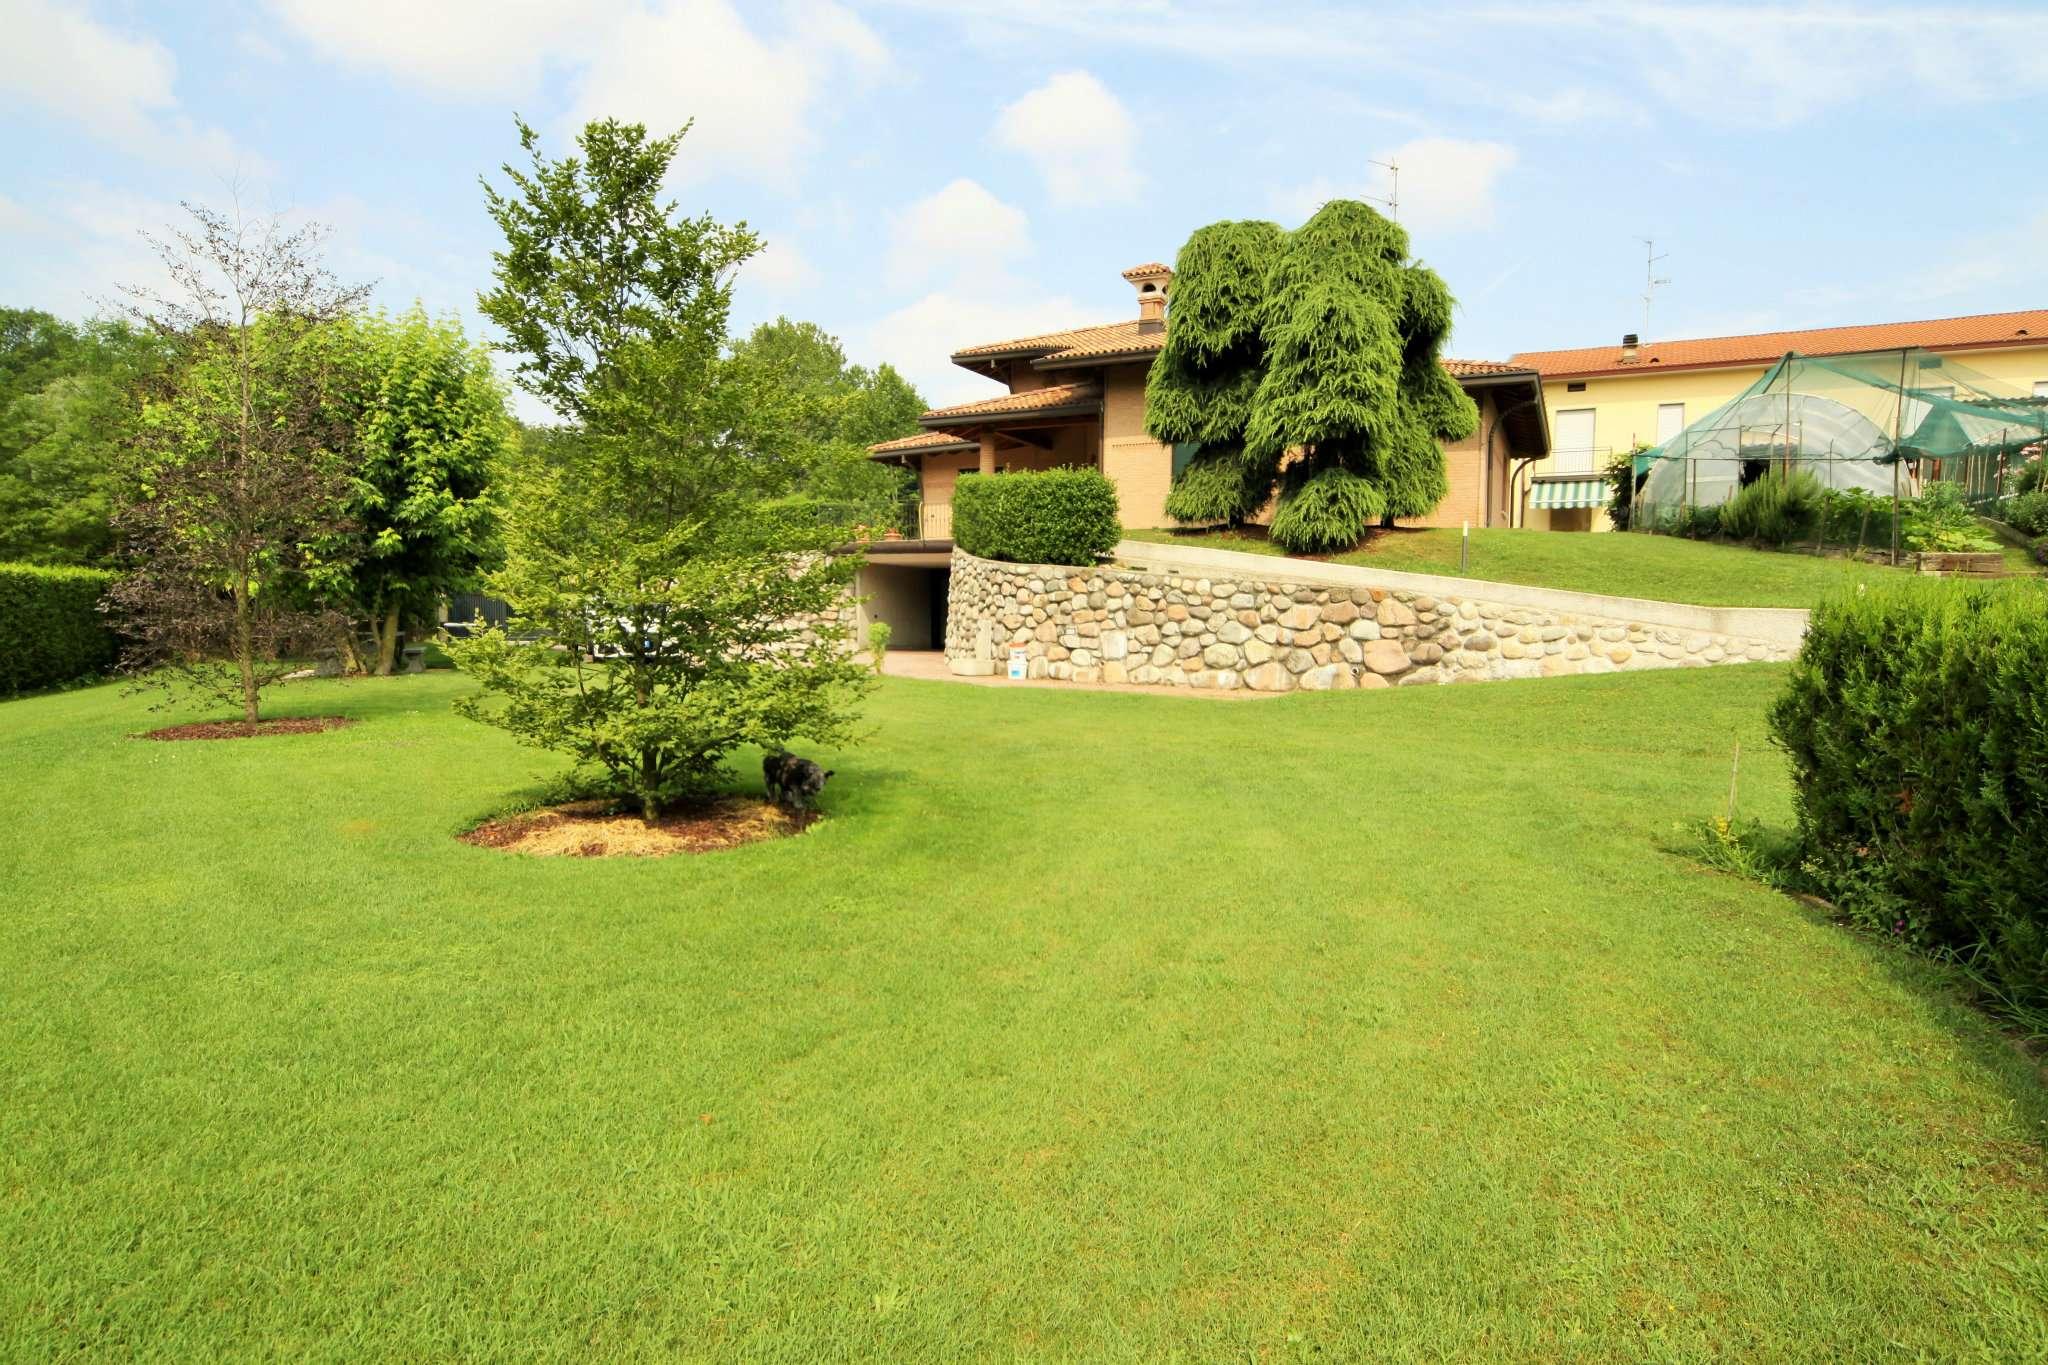 Villa in vendita a Uggiate-Trevano, 4 locali, prezzo € 985.000 | CambioCasa.it